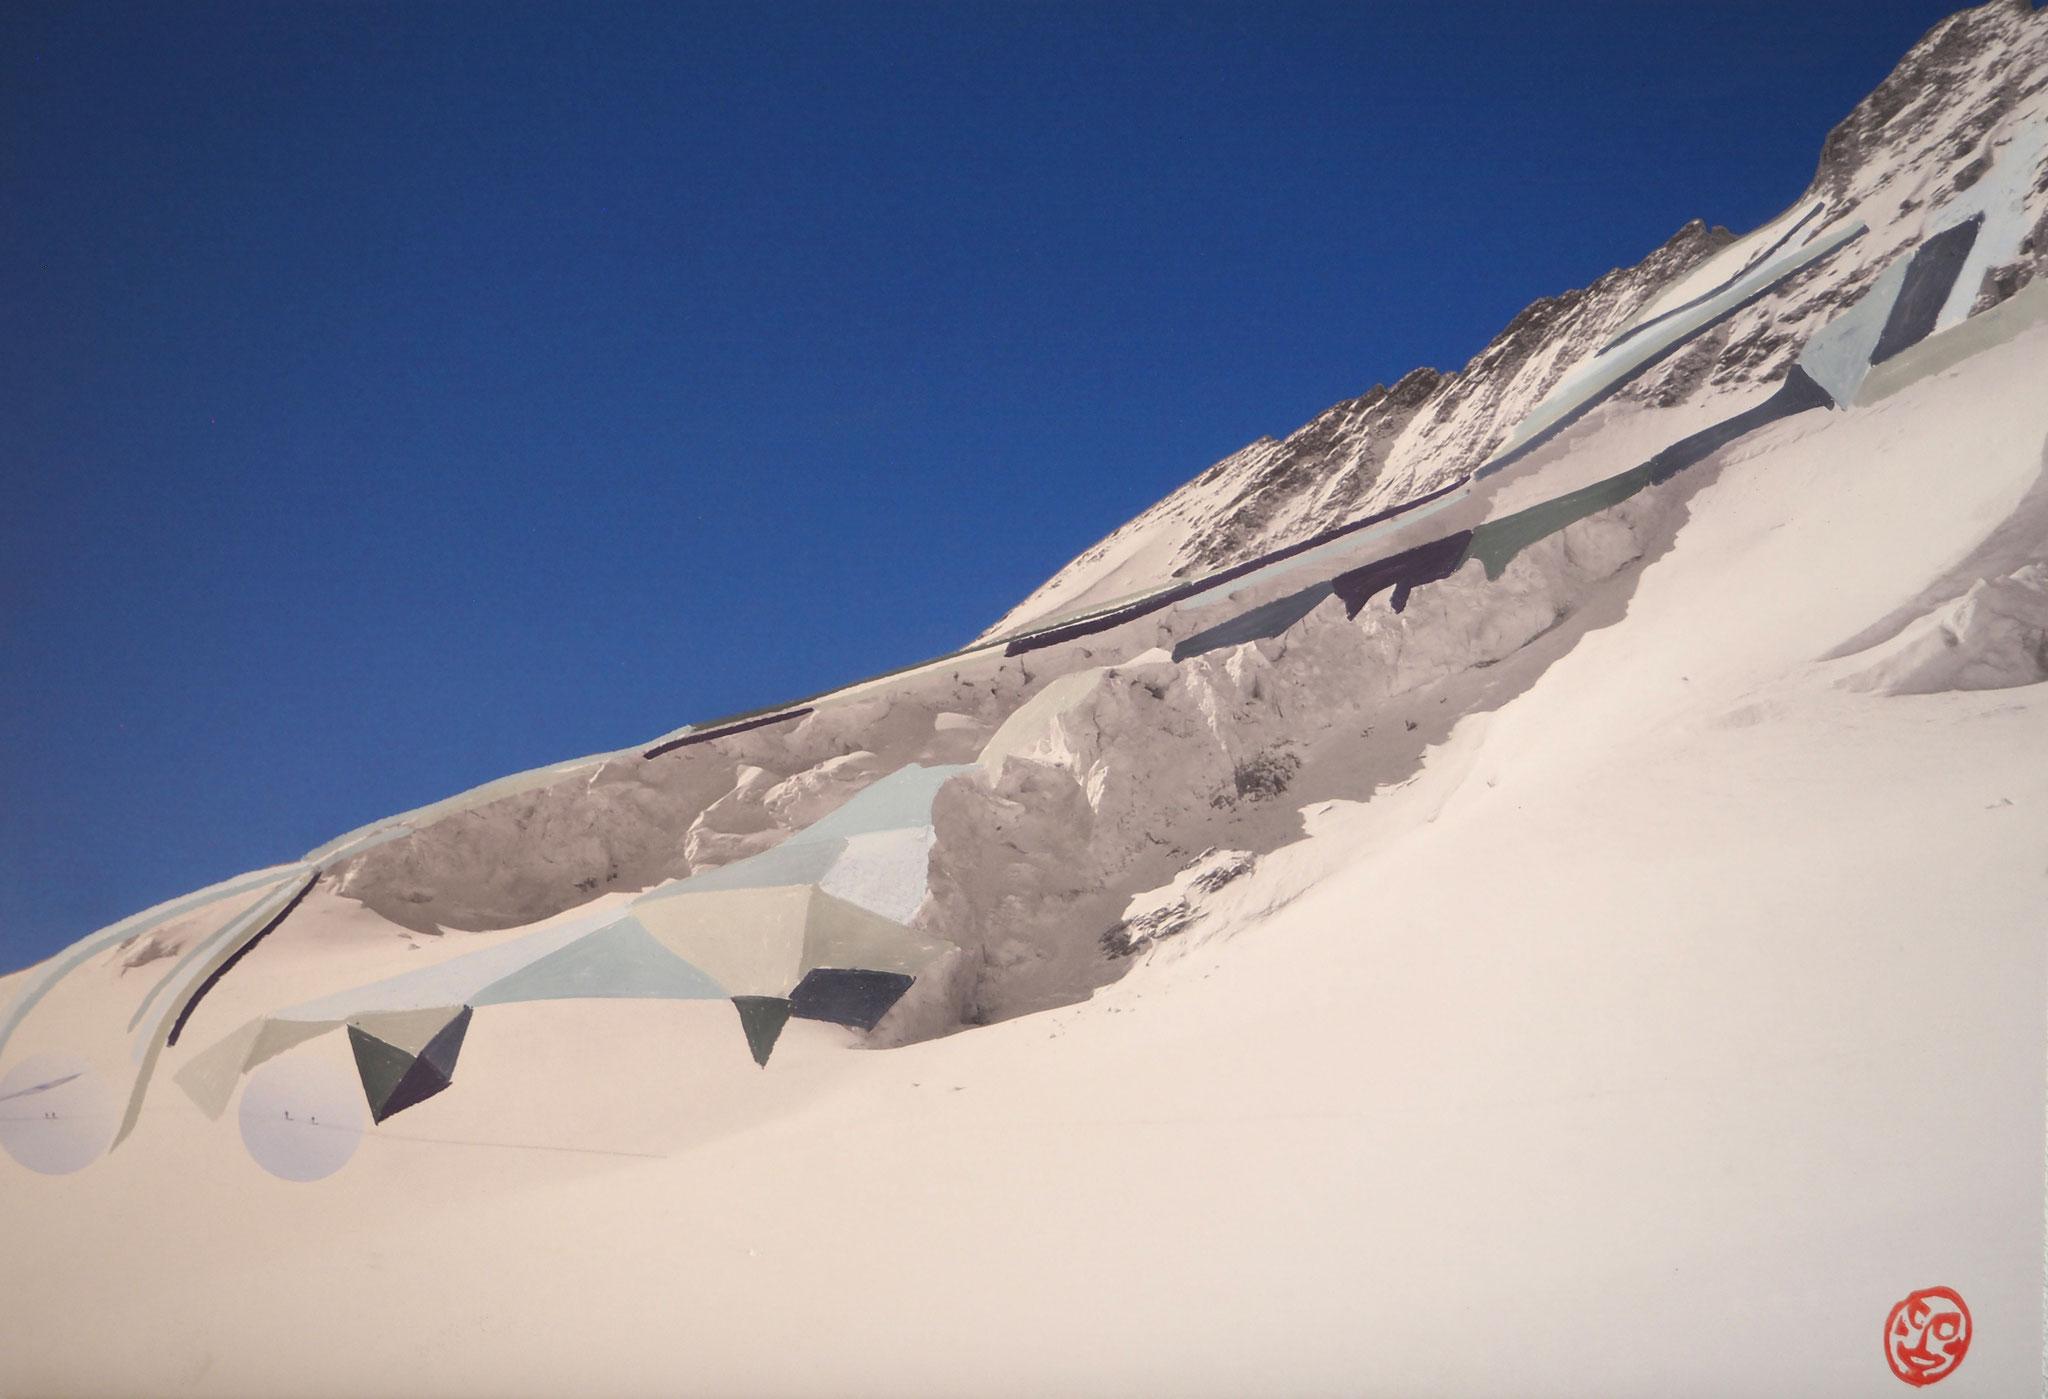 Bluebärg 95cmx65cm - Trugberg 3933m